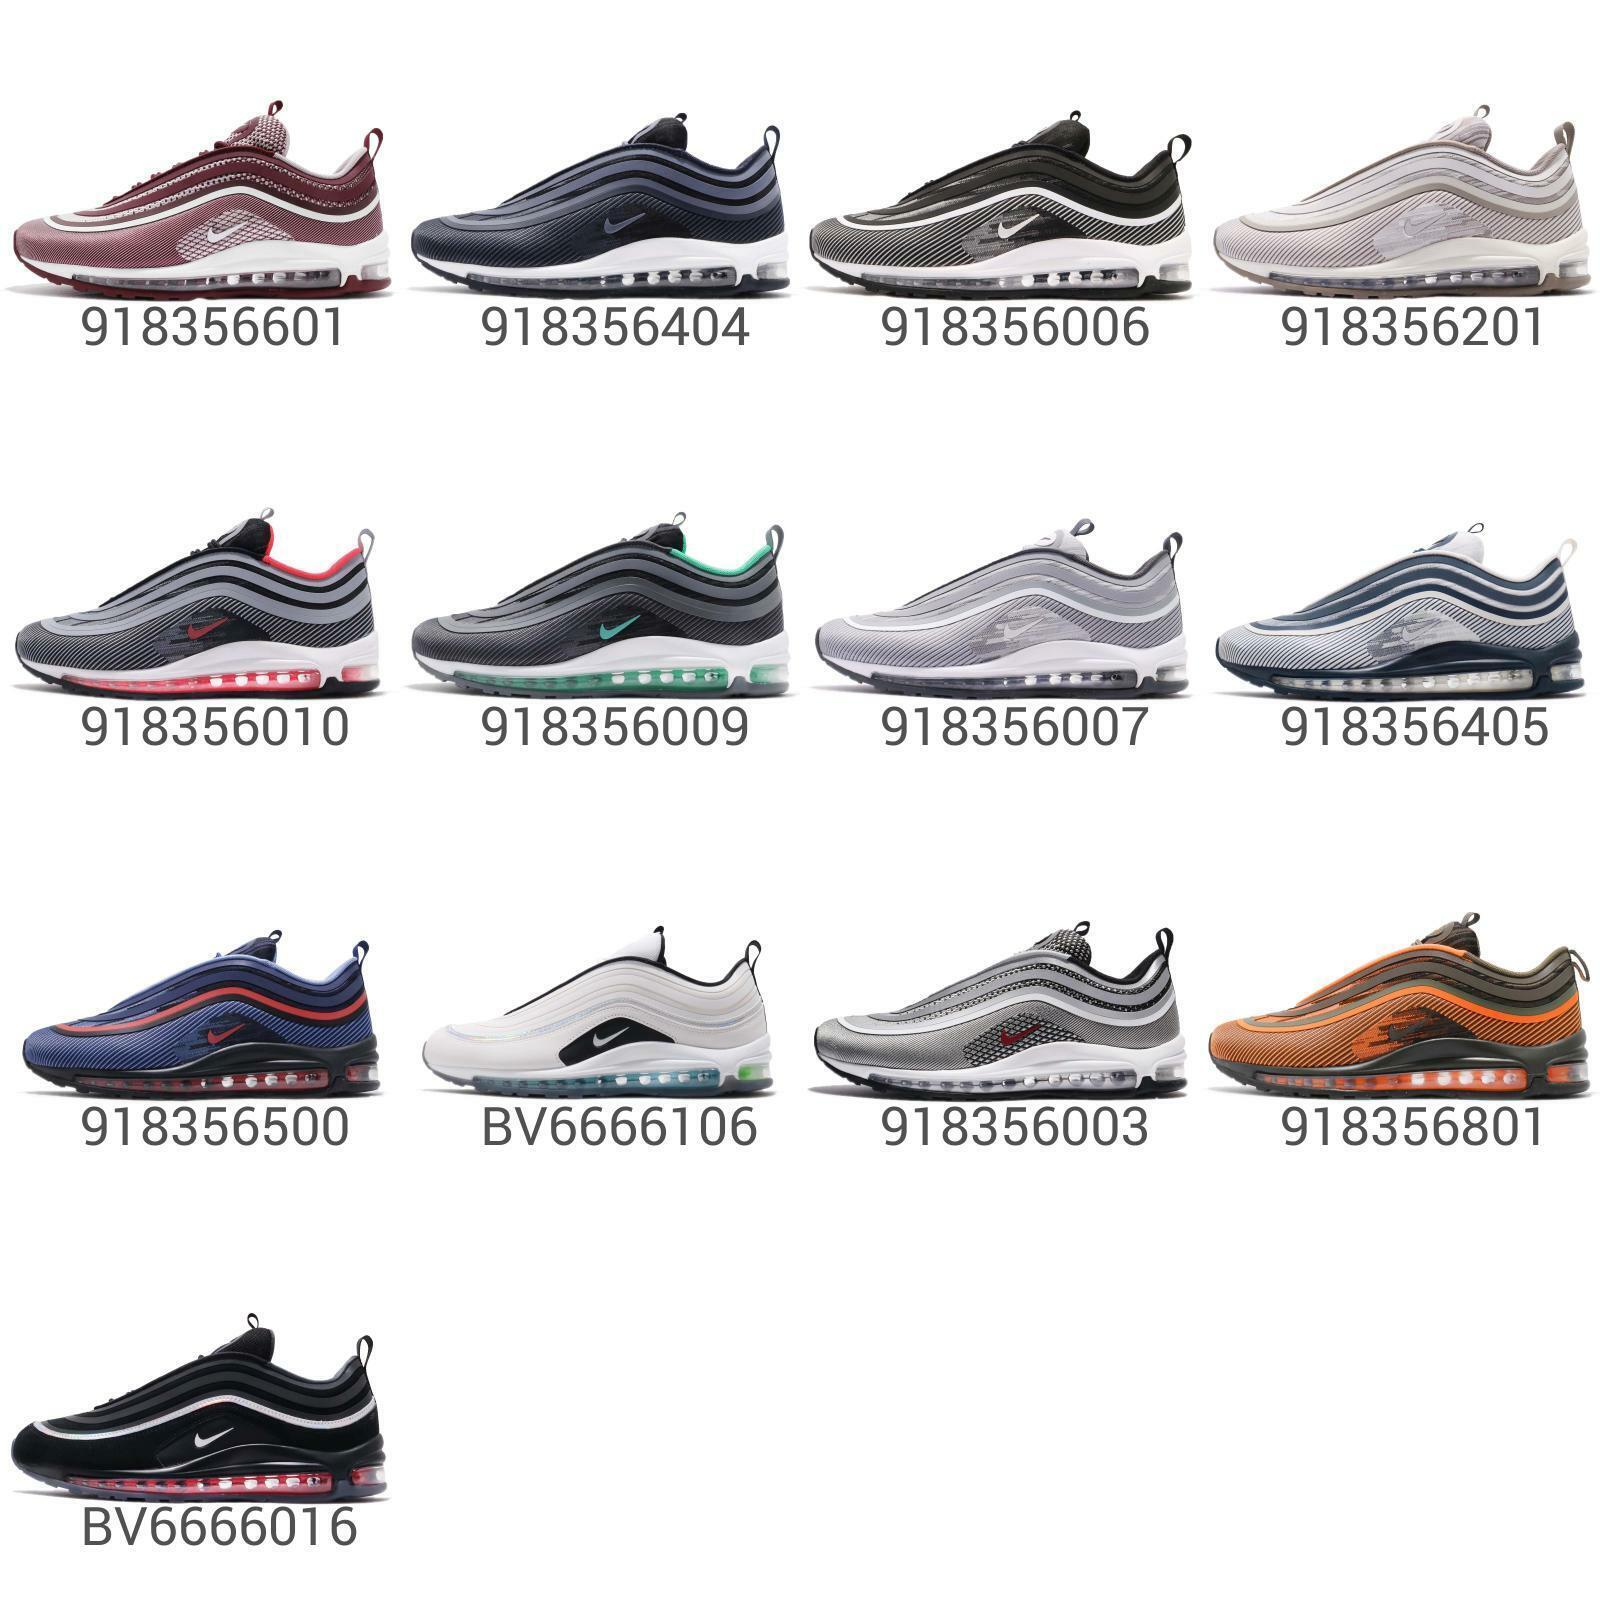 Niko Air  Max 97 UL 17 Ultra Futuro Uomini Donne Scarpe scarpe da ginnastica Pick 1  fino al 70% di sconto